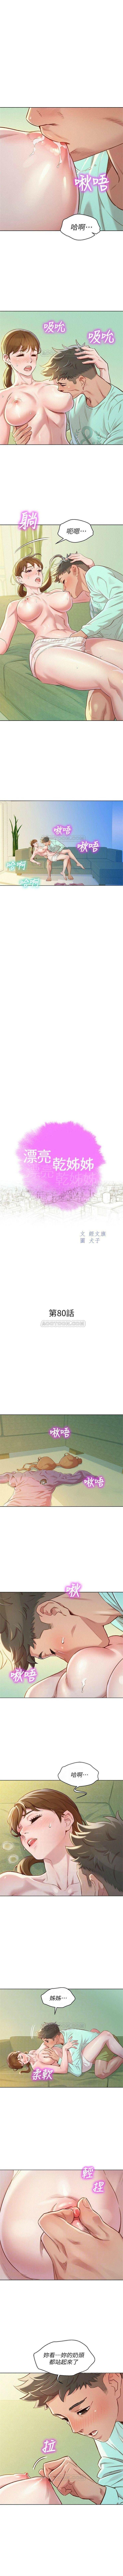 (週7)漂亮幹姐姐  1-92 中文翻譯 (更新中) 449